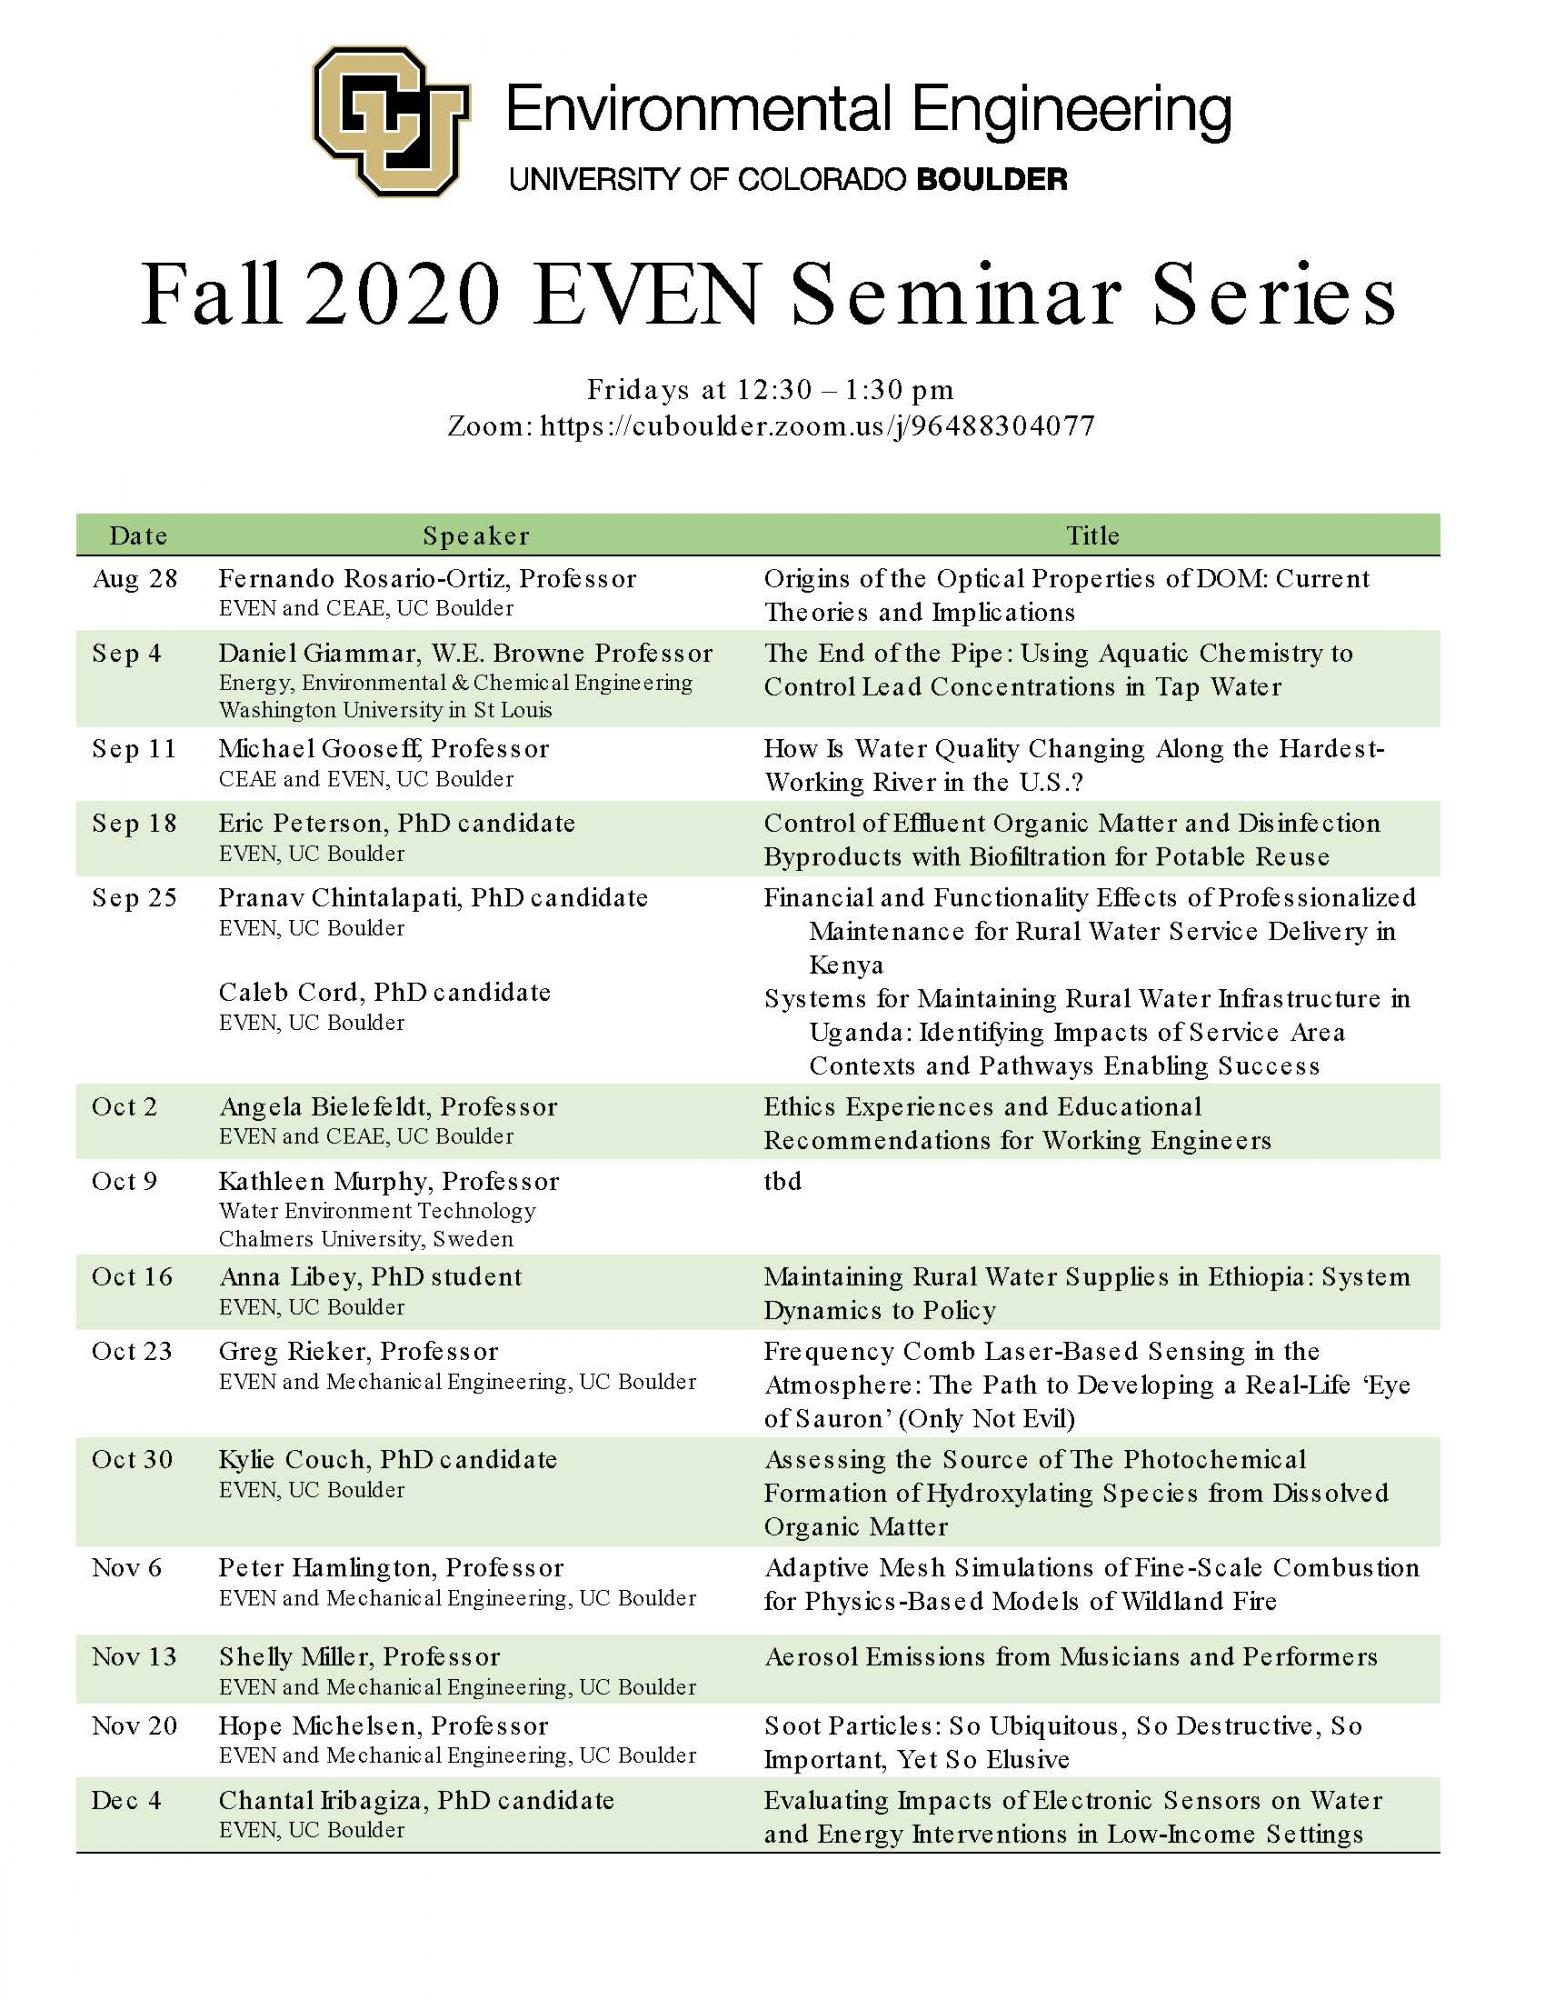 Fall 2020 Seminar Schedule